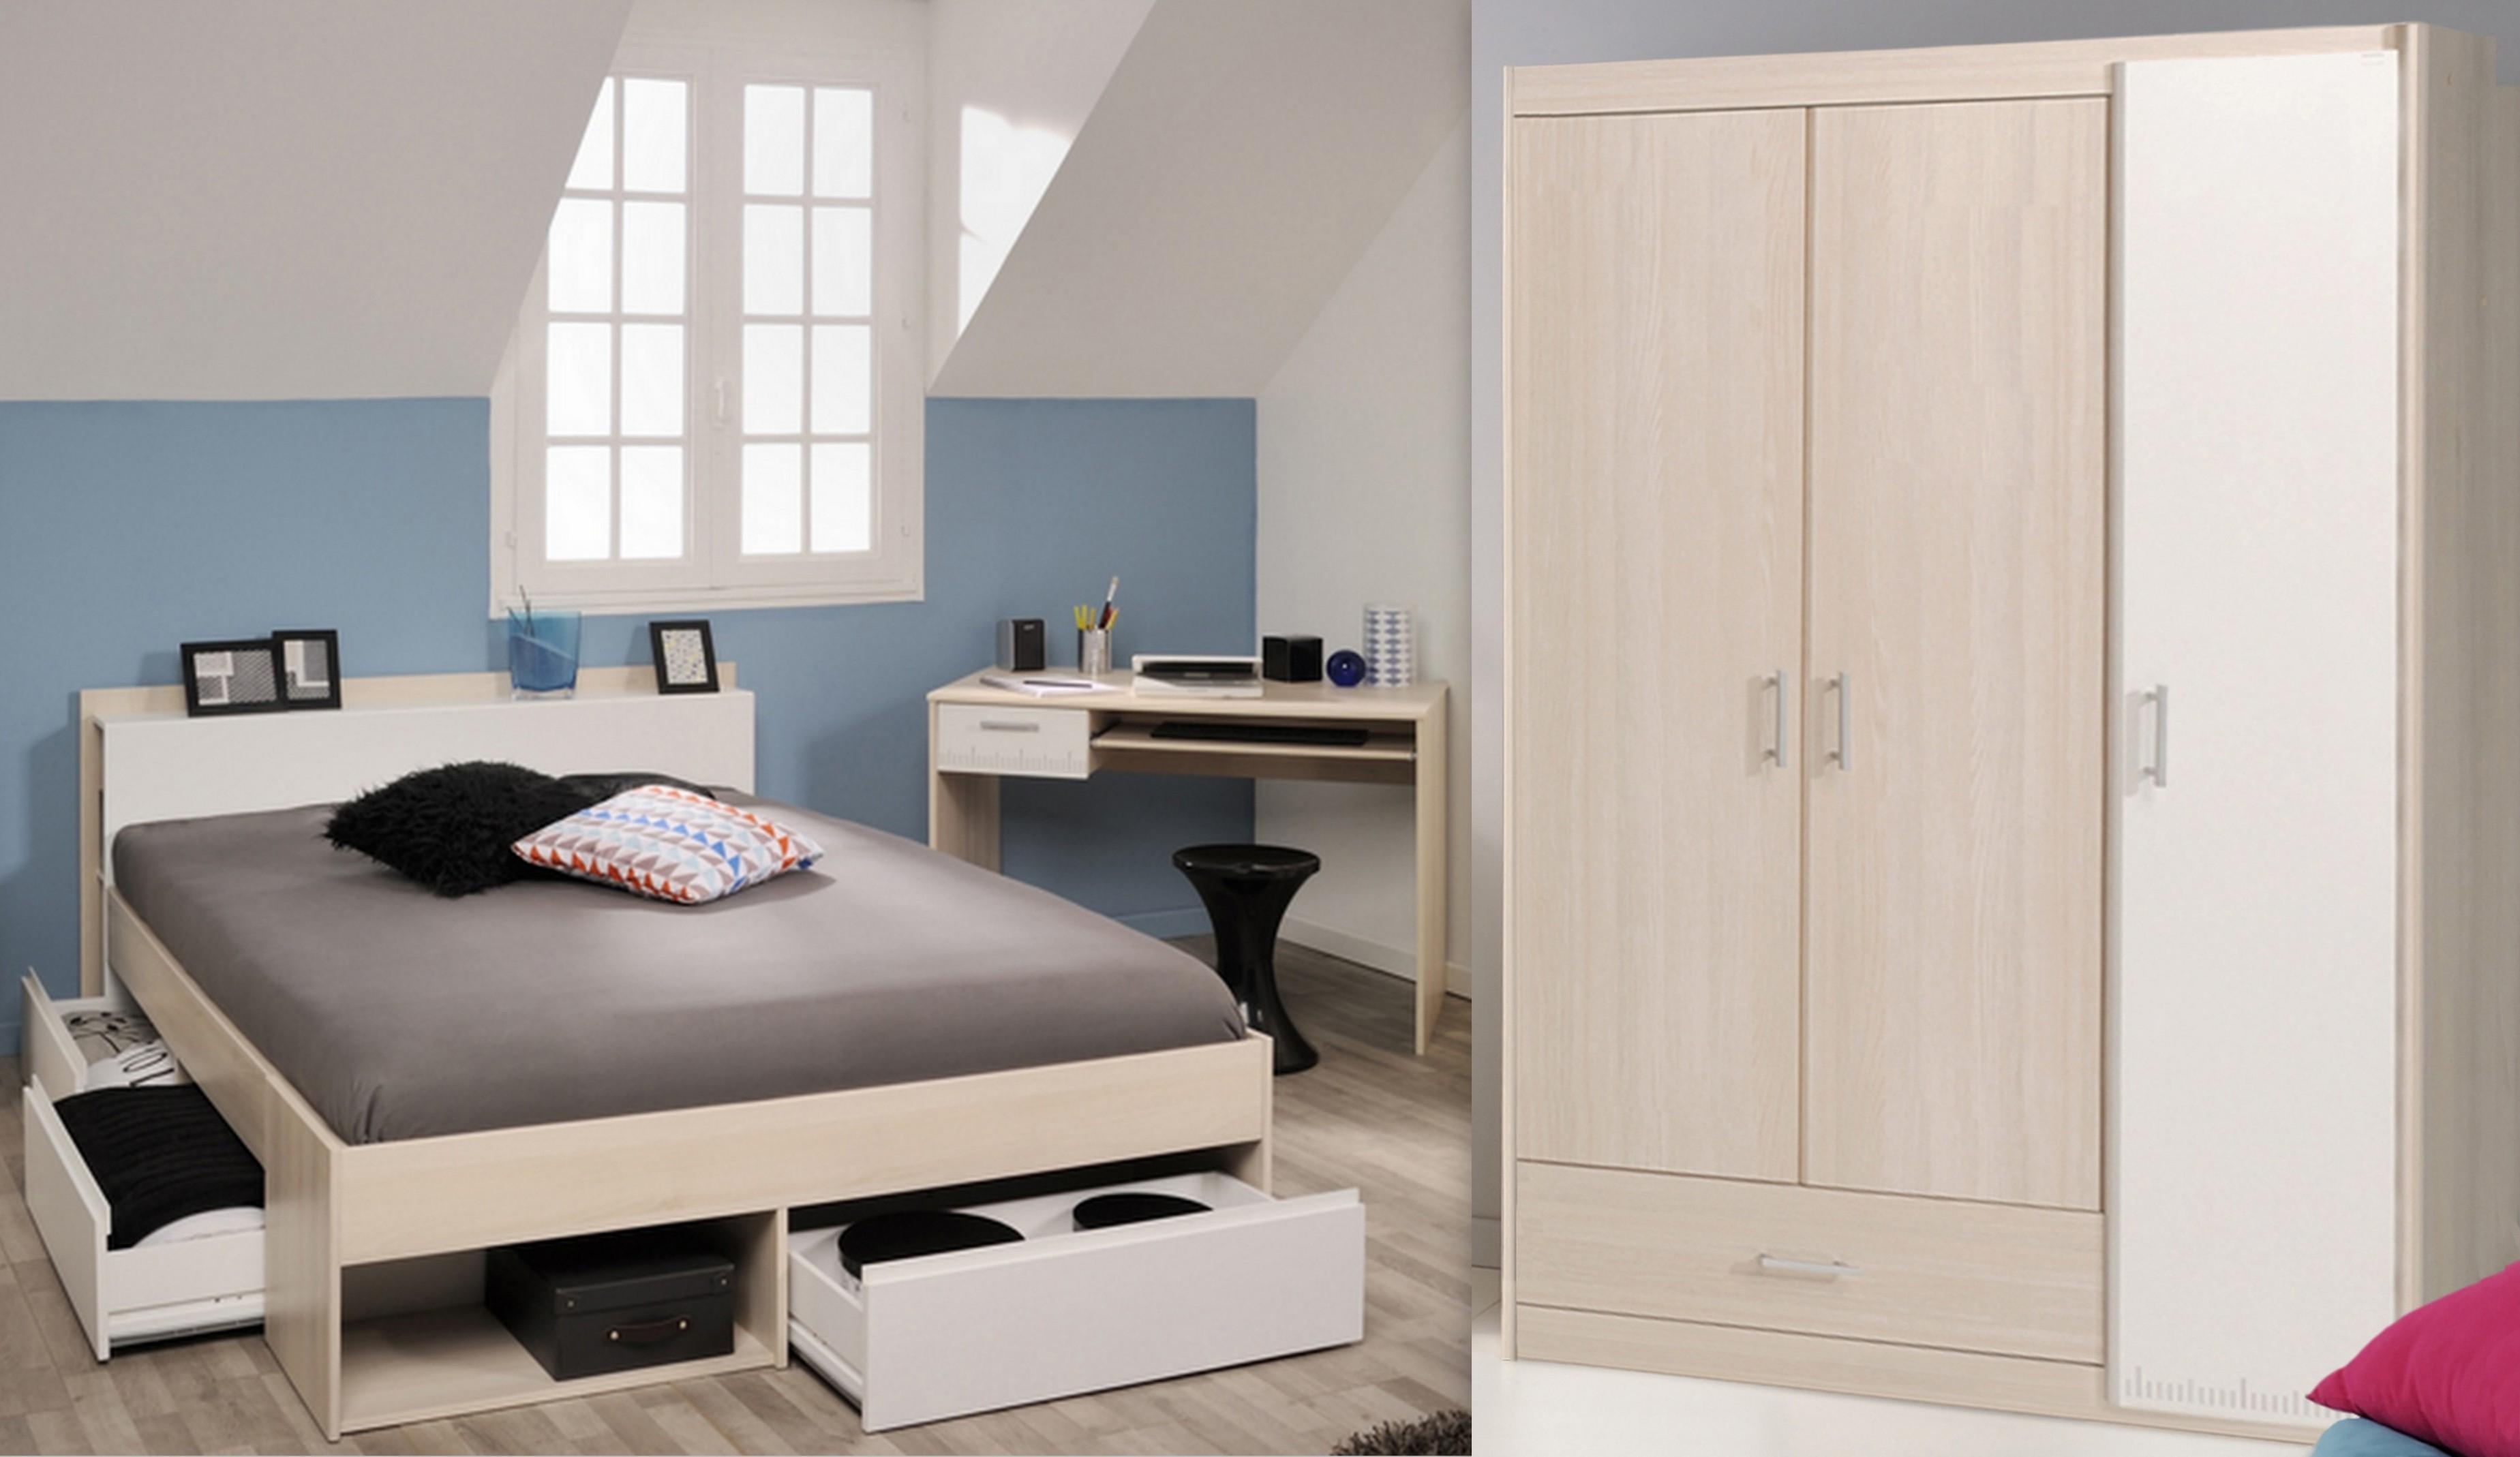 Etagenbett 140x200 : Schlafzimmer set 3 tlg inkl 140x200 etagenbett u kleiderschrank